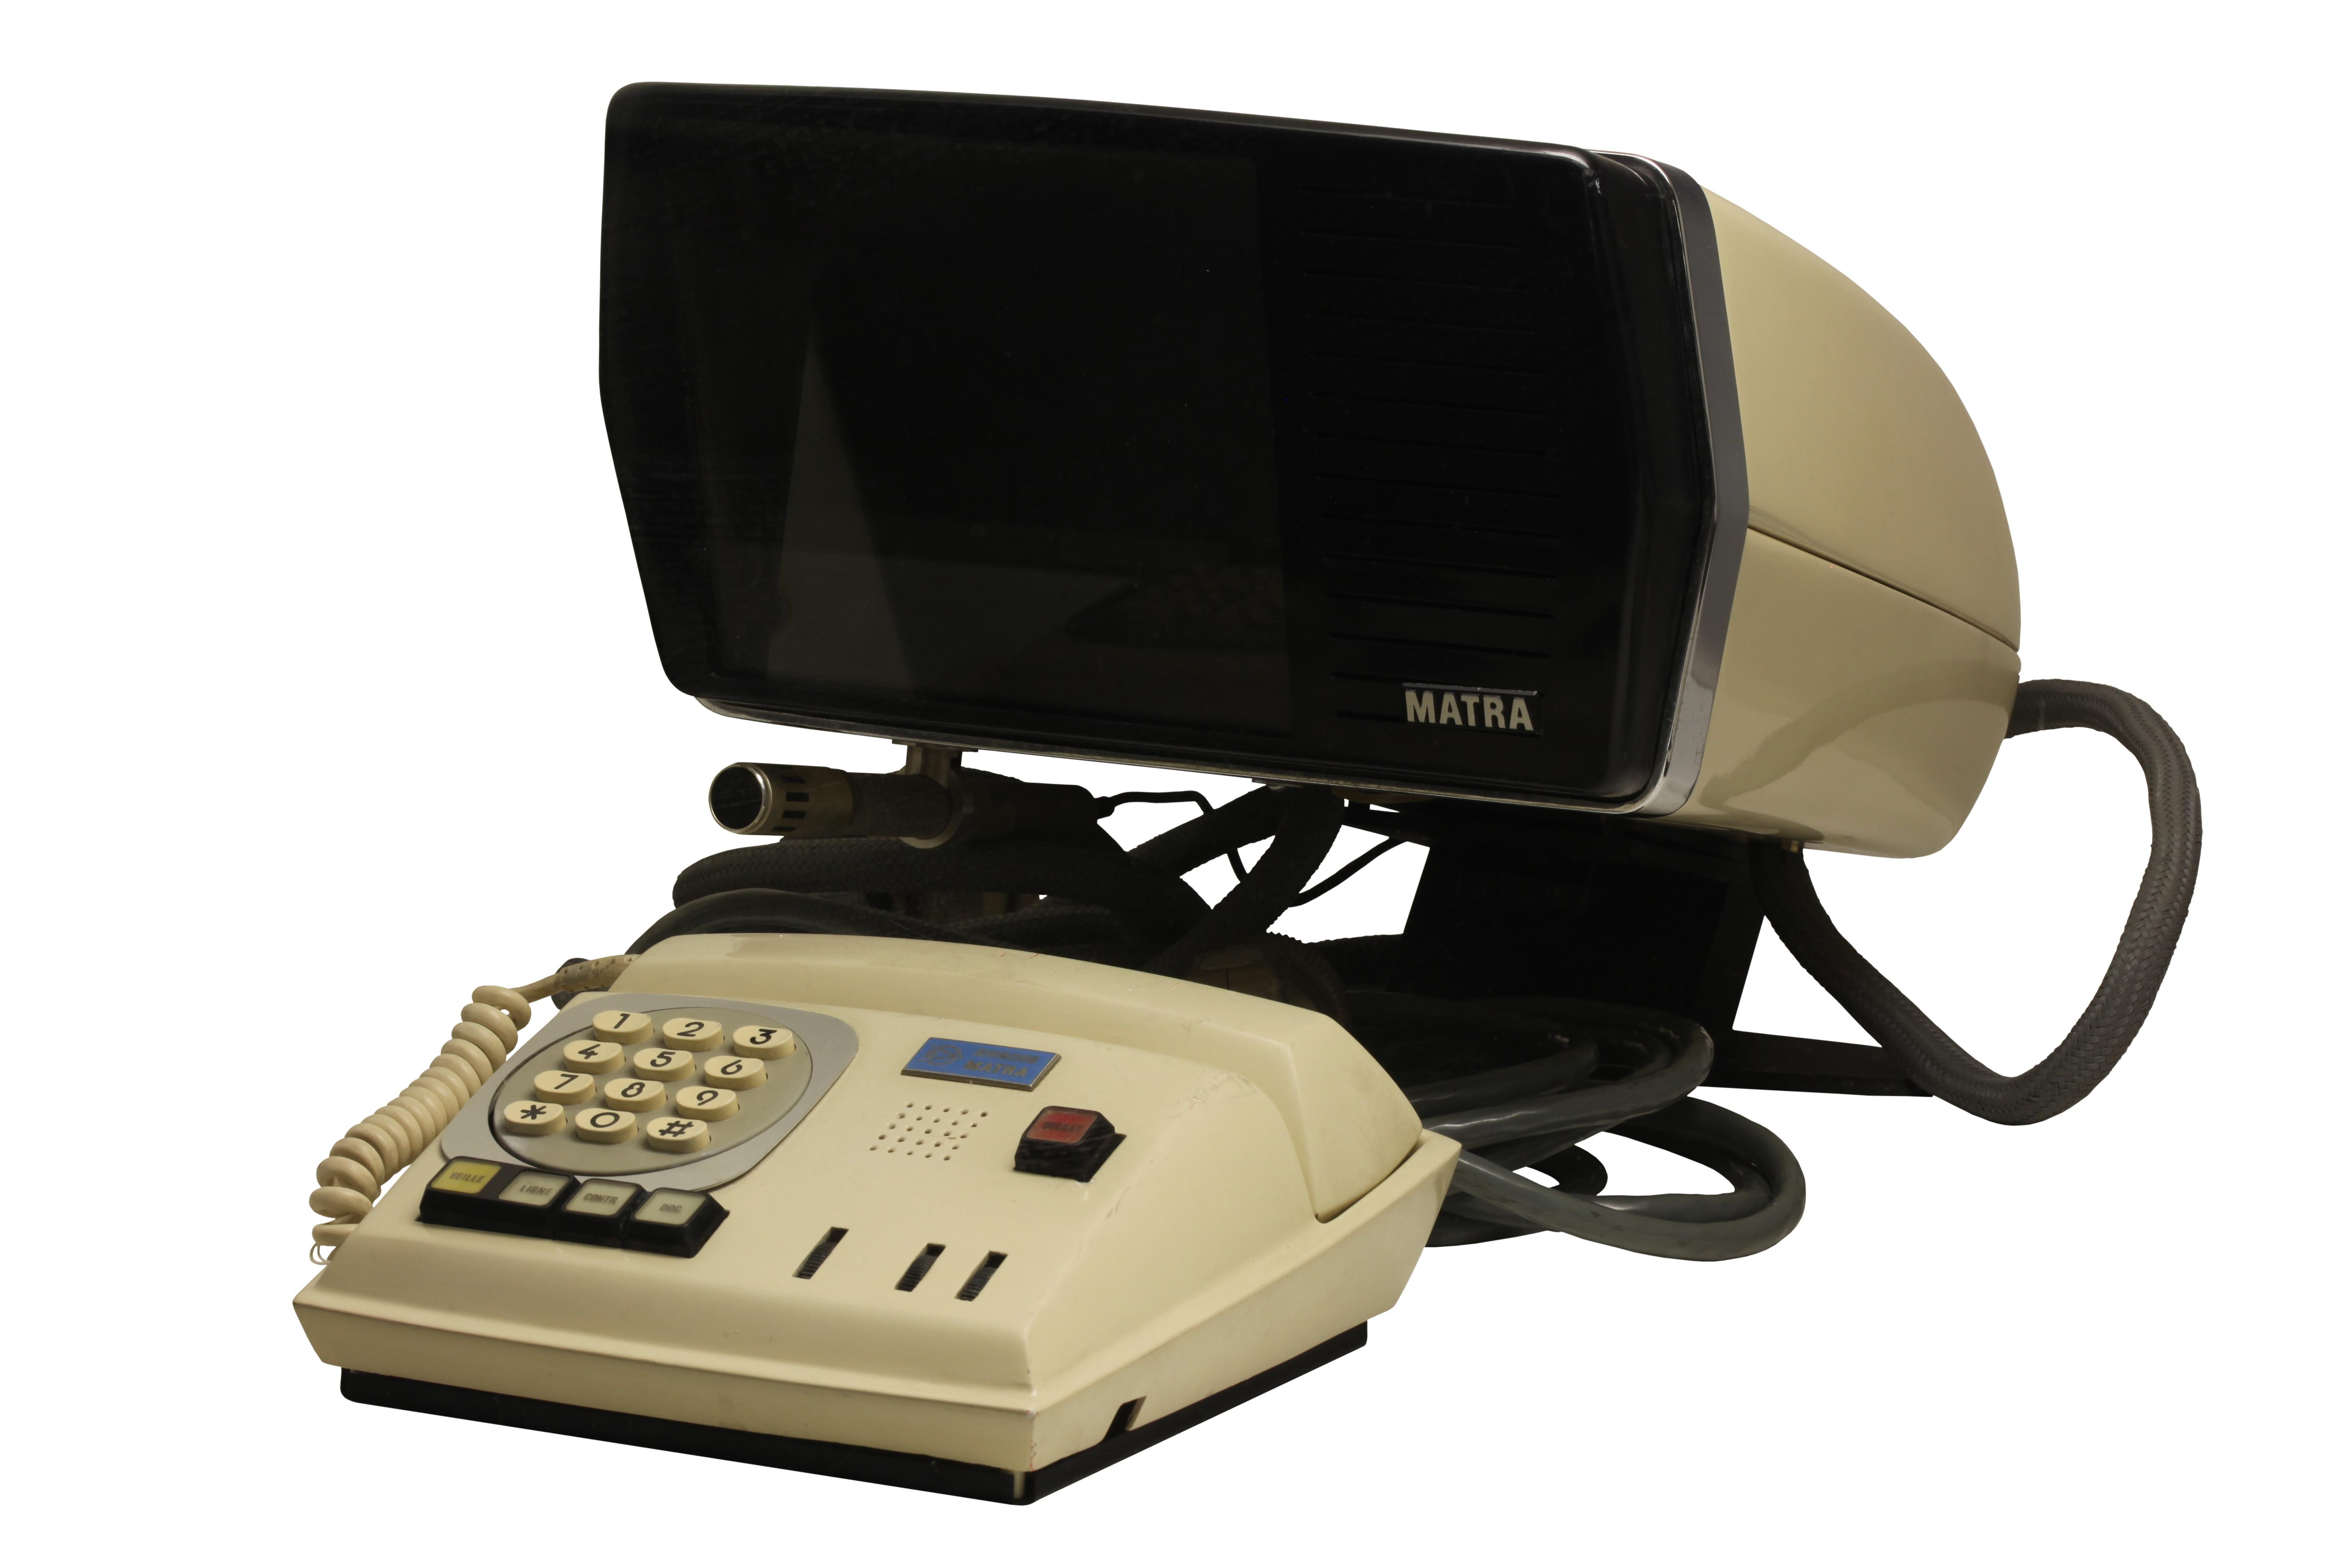 File Videophone Img 1107 White Jpg Wikipedia